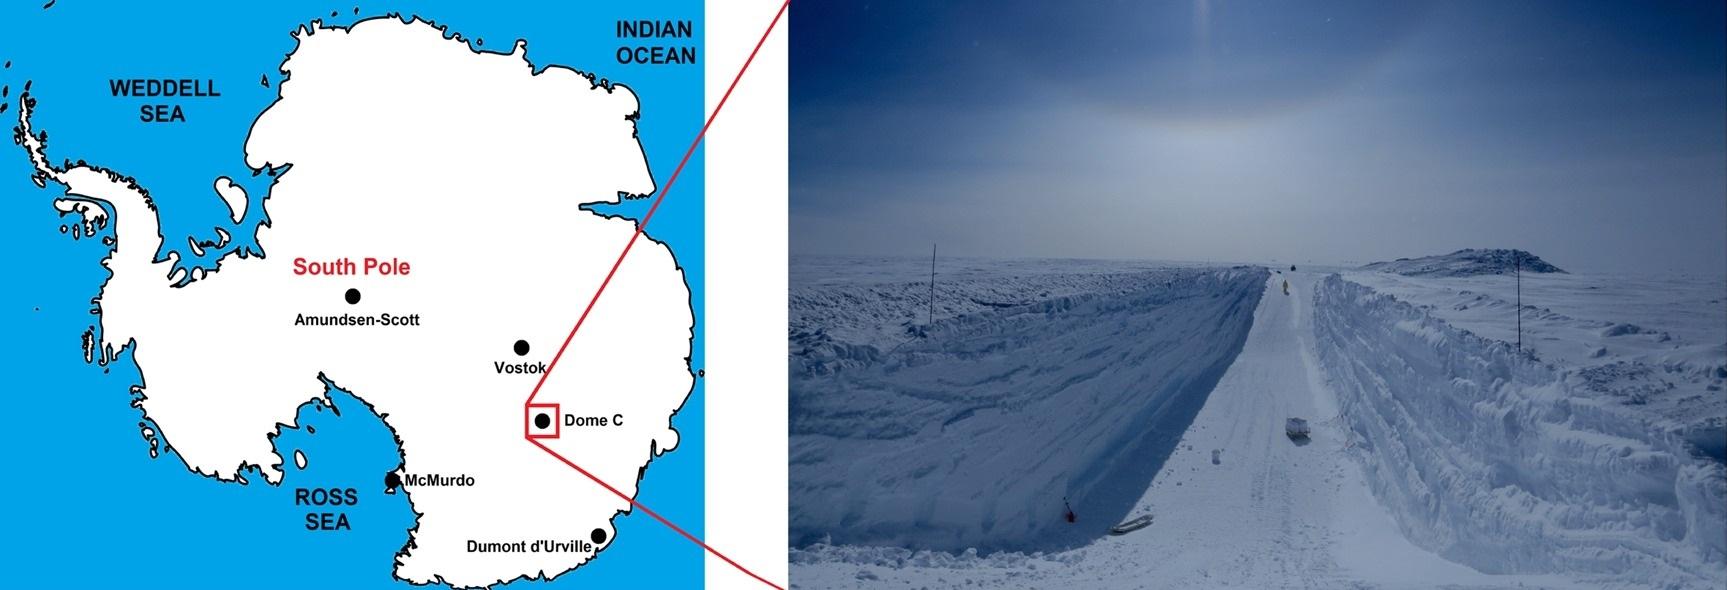 Sitio de la investigación en Antártica